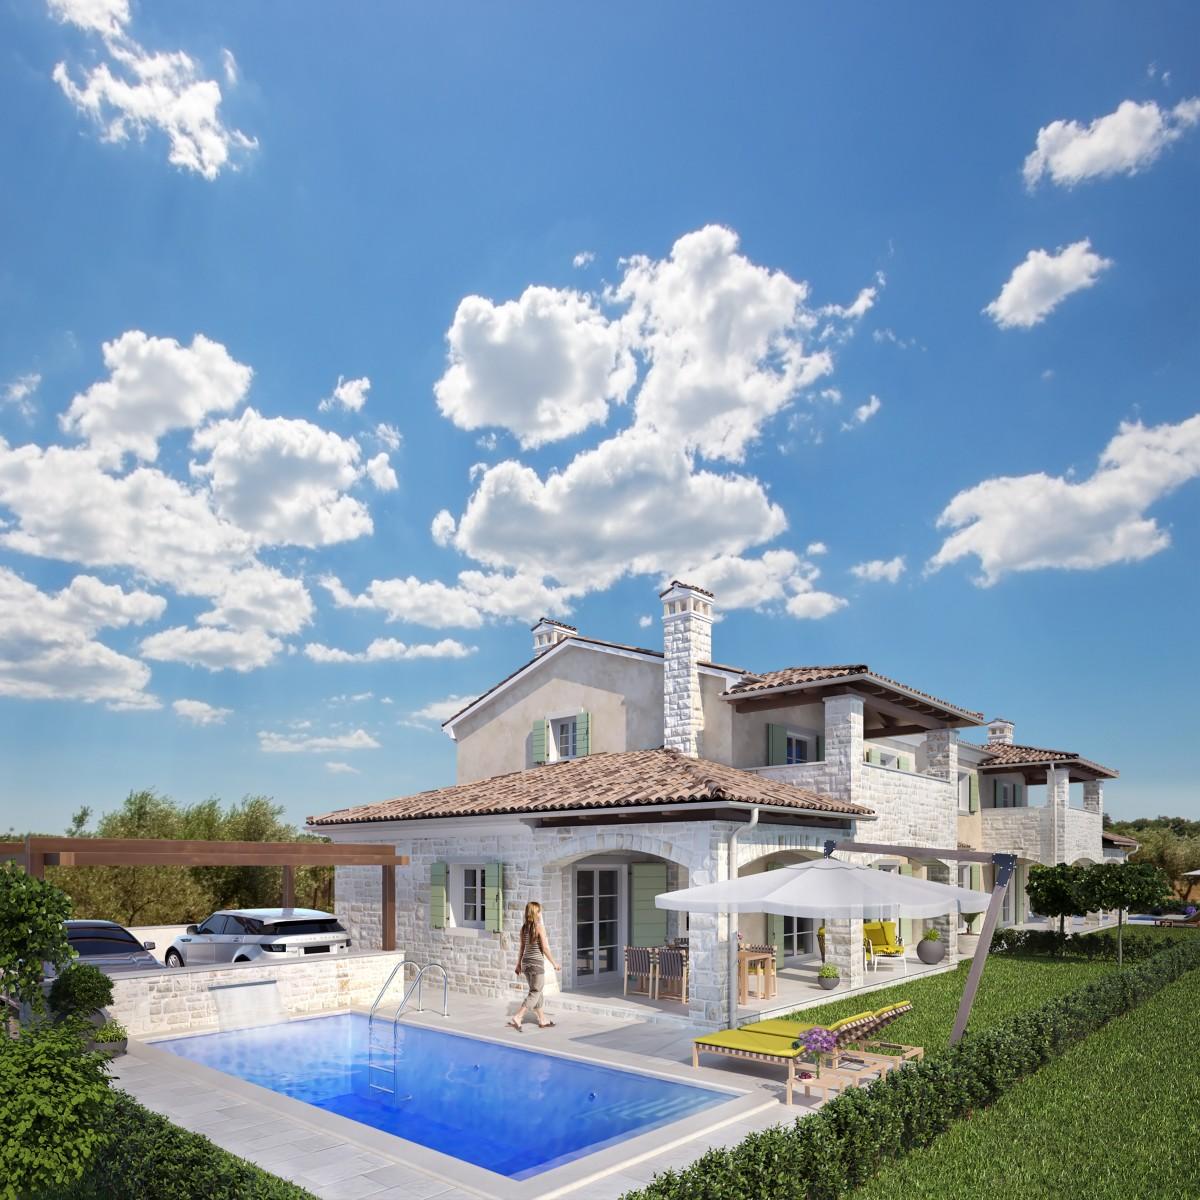 Neues Haus mit Pool, Meerblick, Novigrad, Istrien, Kroatien (10632)